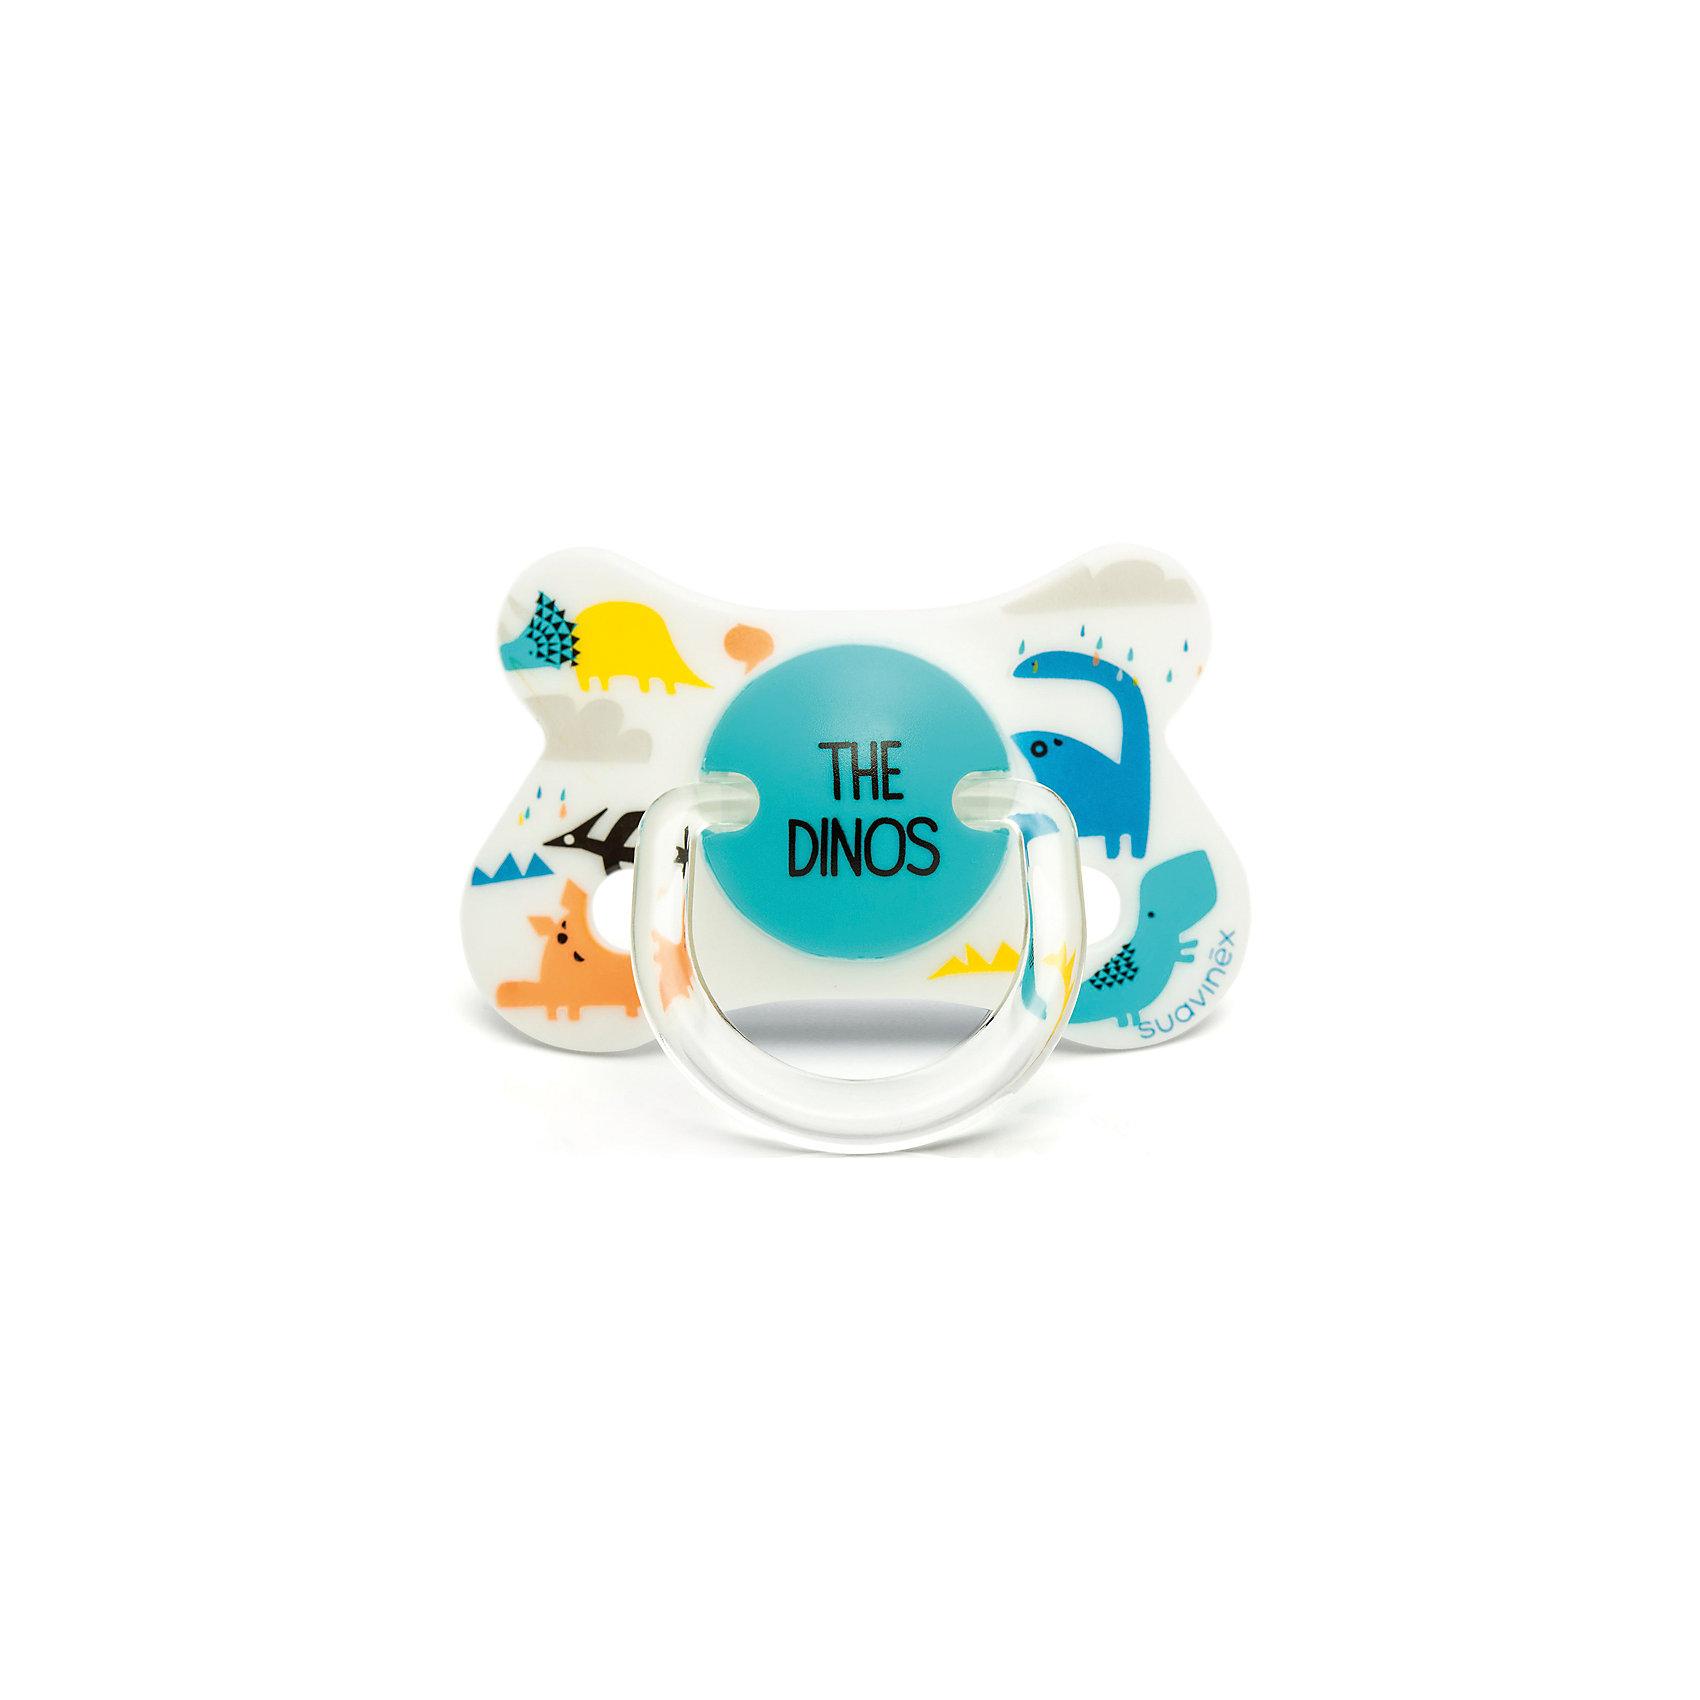 Пустышка силиконовая Динозавр, 4-18 мес.,Suavinex, белыйПустышки и аксессуары<br>Характеристики:<br><br>• Наименование: пустышка<br>• Рекомендуемый возраст: от 4 до 18 месяцев<br>• Пол: универсальный<br>• Материал: силикон, пластик<br>• Цвет: белый, голубой<br>• Рисунок: динозаврик<br>• Форма: физиологическая<br>• Наличие вентиляционных отверстий <br>• Кольцо для держателя<br>• Вес: 27 г<br>• Параметры (Д*Ш*В): 5,4*6,5*10,9 см <br>• Особенности ухода: можно мыть в теплой воде, регулярная стерилизация <br><br>Пустышка Динозавр от 4 до 18 мес., Suavinex, белый изготовлена испанским торговым брендом, специализирующимся на выпуске товаров для кормления и аксессуаров новорожденным и младенцам. Продукция от Suavinex разработана с учетом рекомендаций педиатров и стоматологов, что гарантирует качество и безопасность использованных материалов. <br><br>Пластик, из которого изготовлено изделие, устойчив к появлению царапин и сколов, благодаря чему пустышка длительное время сохраняет свои гигиенические свойства. Форма у соски способствует равномерному распределению давления на небо, что обеспечивает правильное формирование речевого аппарата. <br><br>Пустышка имеет физиологическую форму, для прикрепления держателя предусмотрено кольцо. Изделие выполнено в брендовом дизайне, с изображением динозаврика. Рисунок нанесен по инновационной технологии, которая обеспечивает его стойкость даже при длительном использовании и частой стерилизации.<br><br>Пустышку Динозавр от 4 до 18 мес., Suavinex, белый можно купить в нашем интернет-магазине.<br><br>Ширина мм: 54<br>Глубина мм: 65<br>Высота мм: 109<br>Вес г: 27<br>Возраст от месяцев: 4<br>Возраст до месяцев: 18<br>Пол: Унисекс<br>Возраст: Детский<br>SKU: 5451250